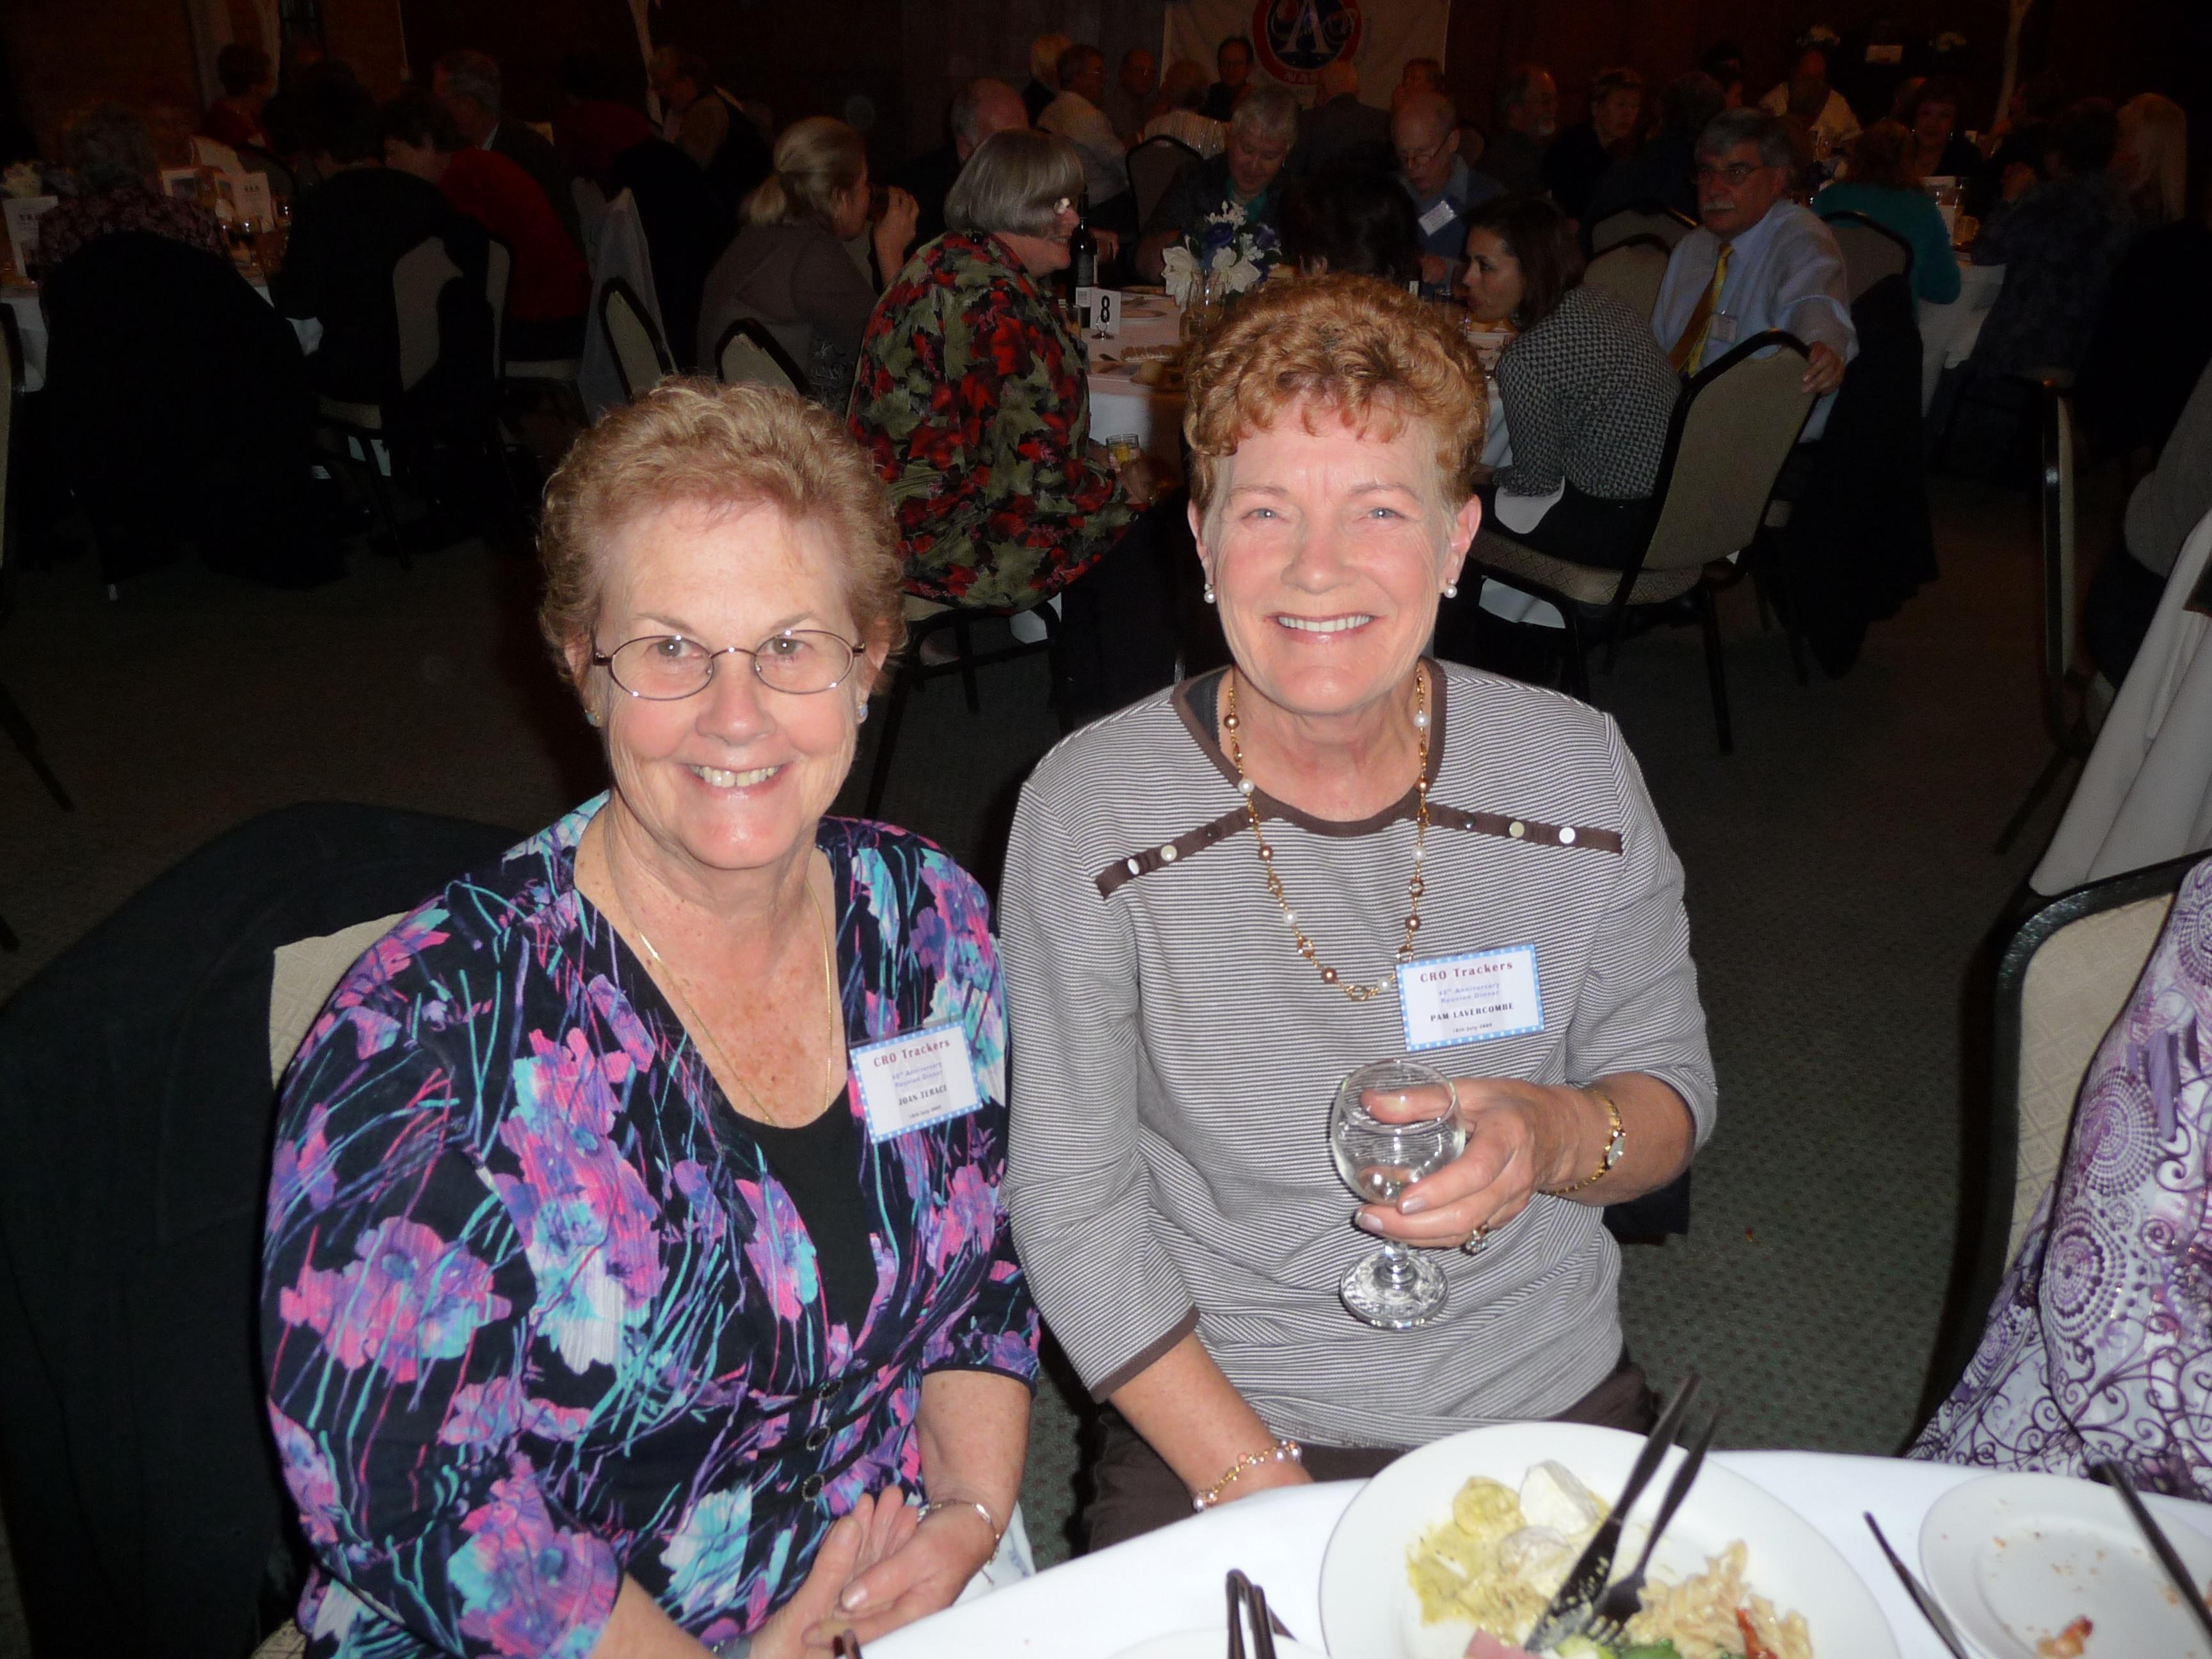 Joan Teraci & Pam Lavercombe